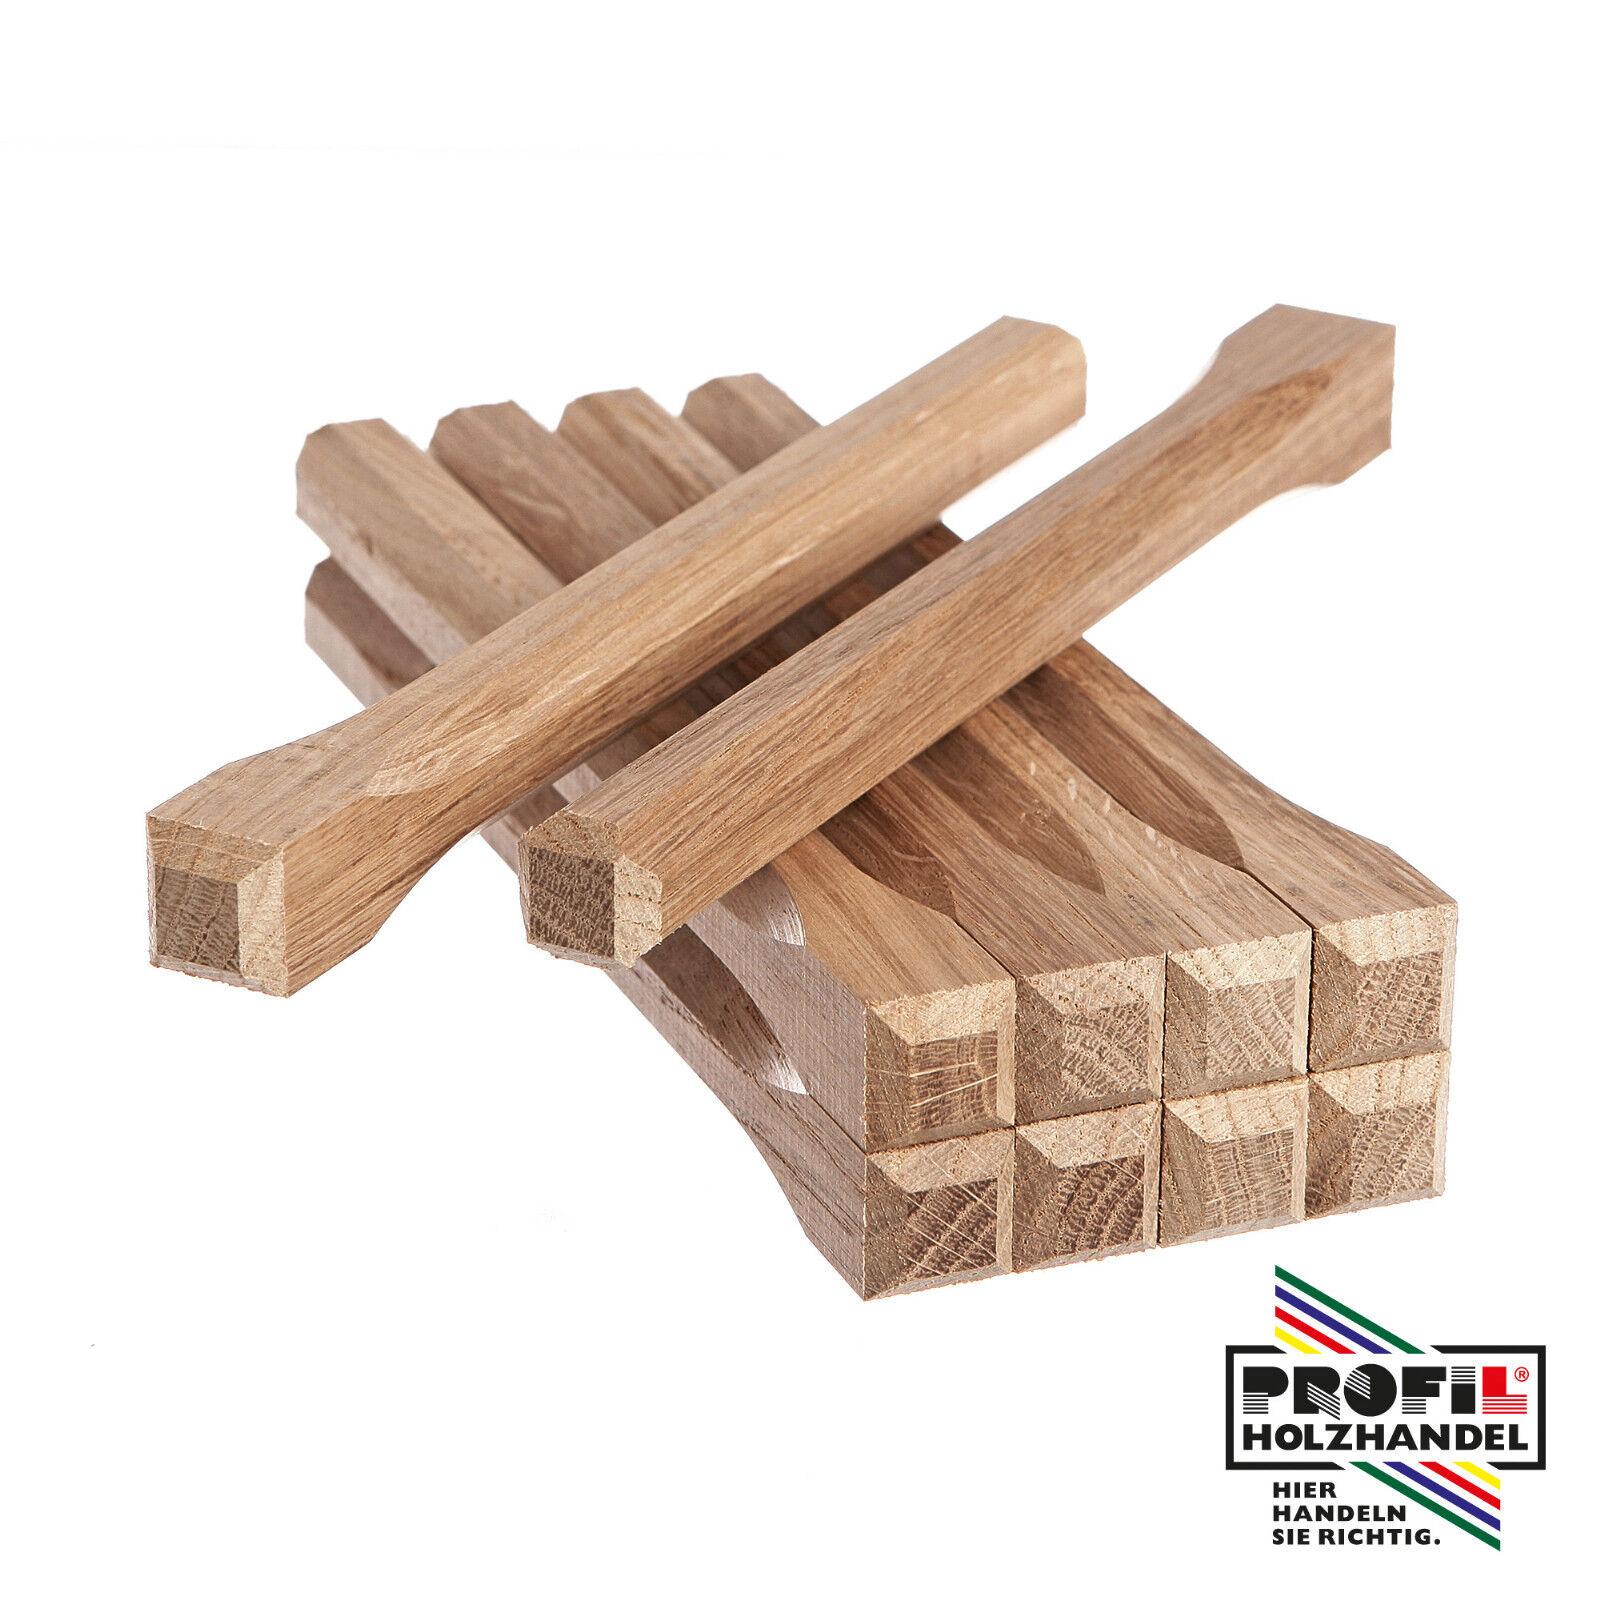 25 x Fachwerknägel Eiche 18x80-300mm Dollen Holznägel